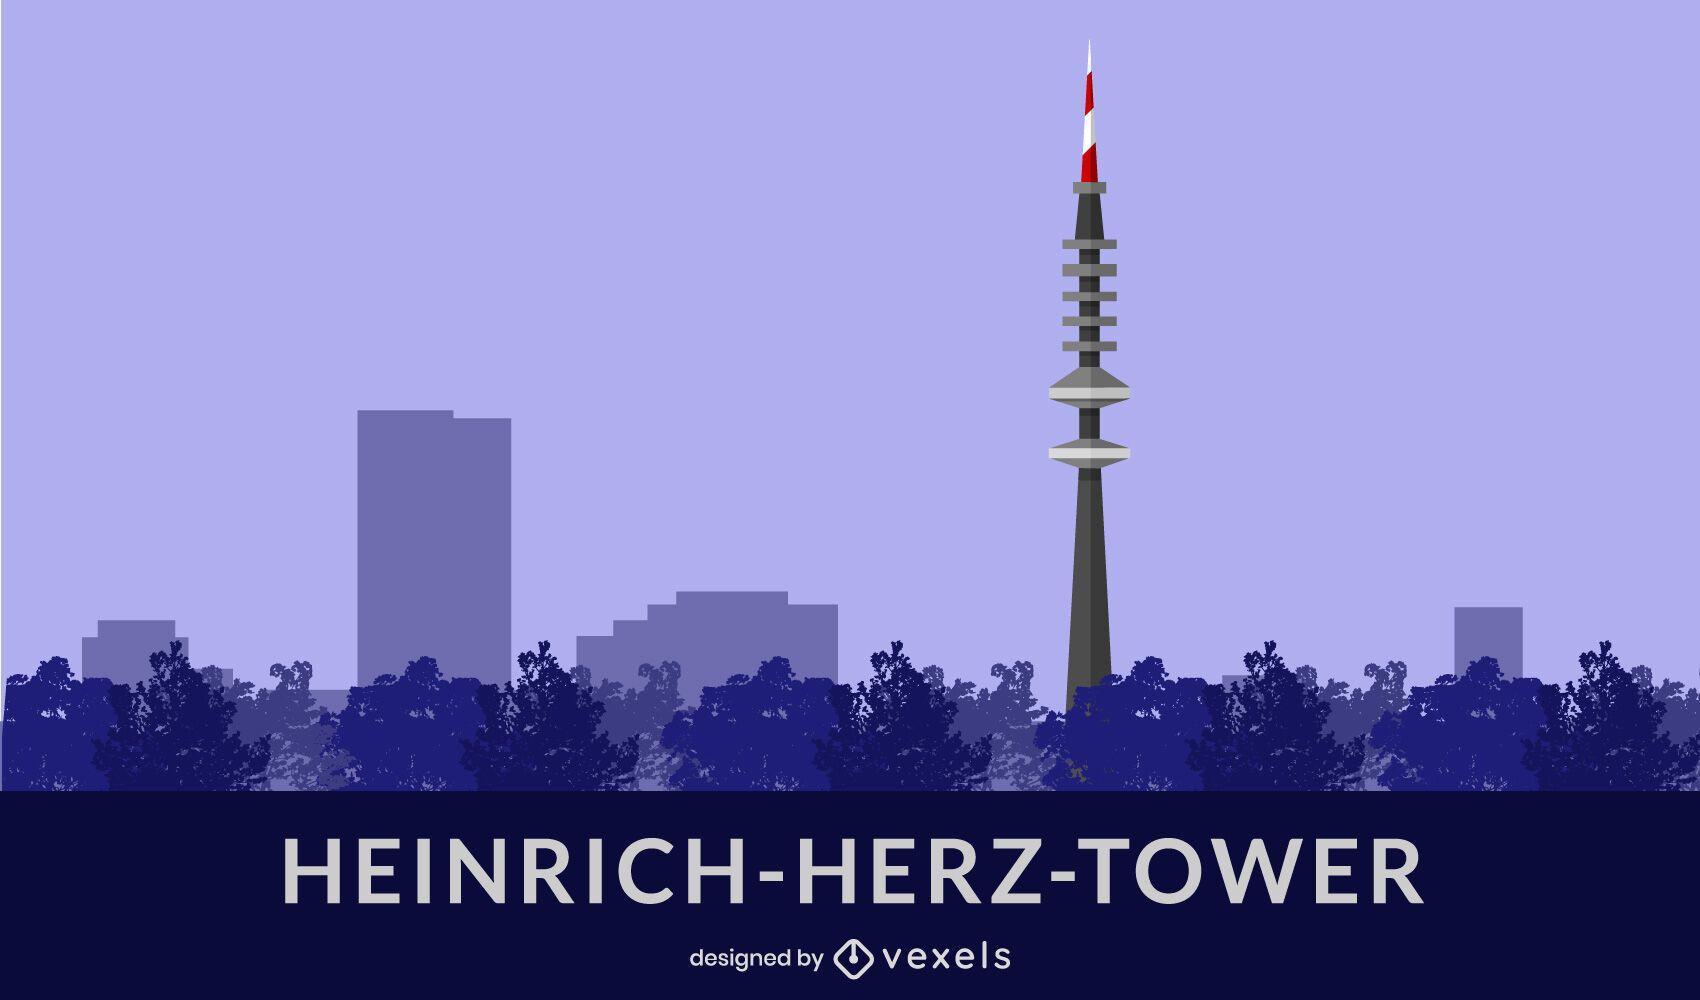 Heinrich-Herz Tower Flat Design